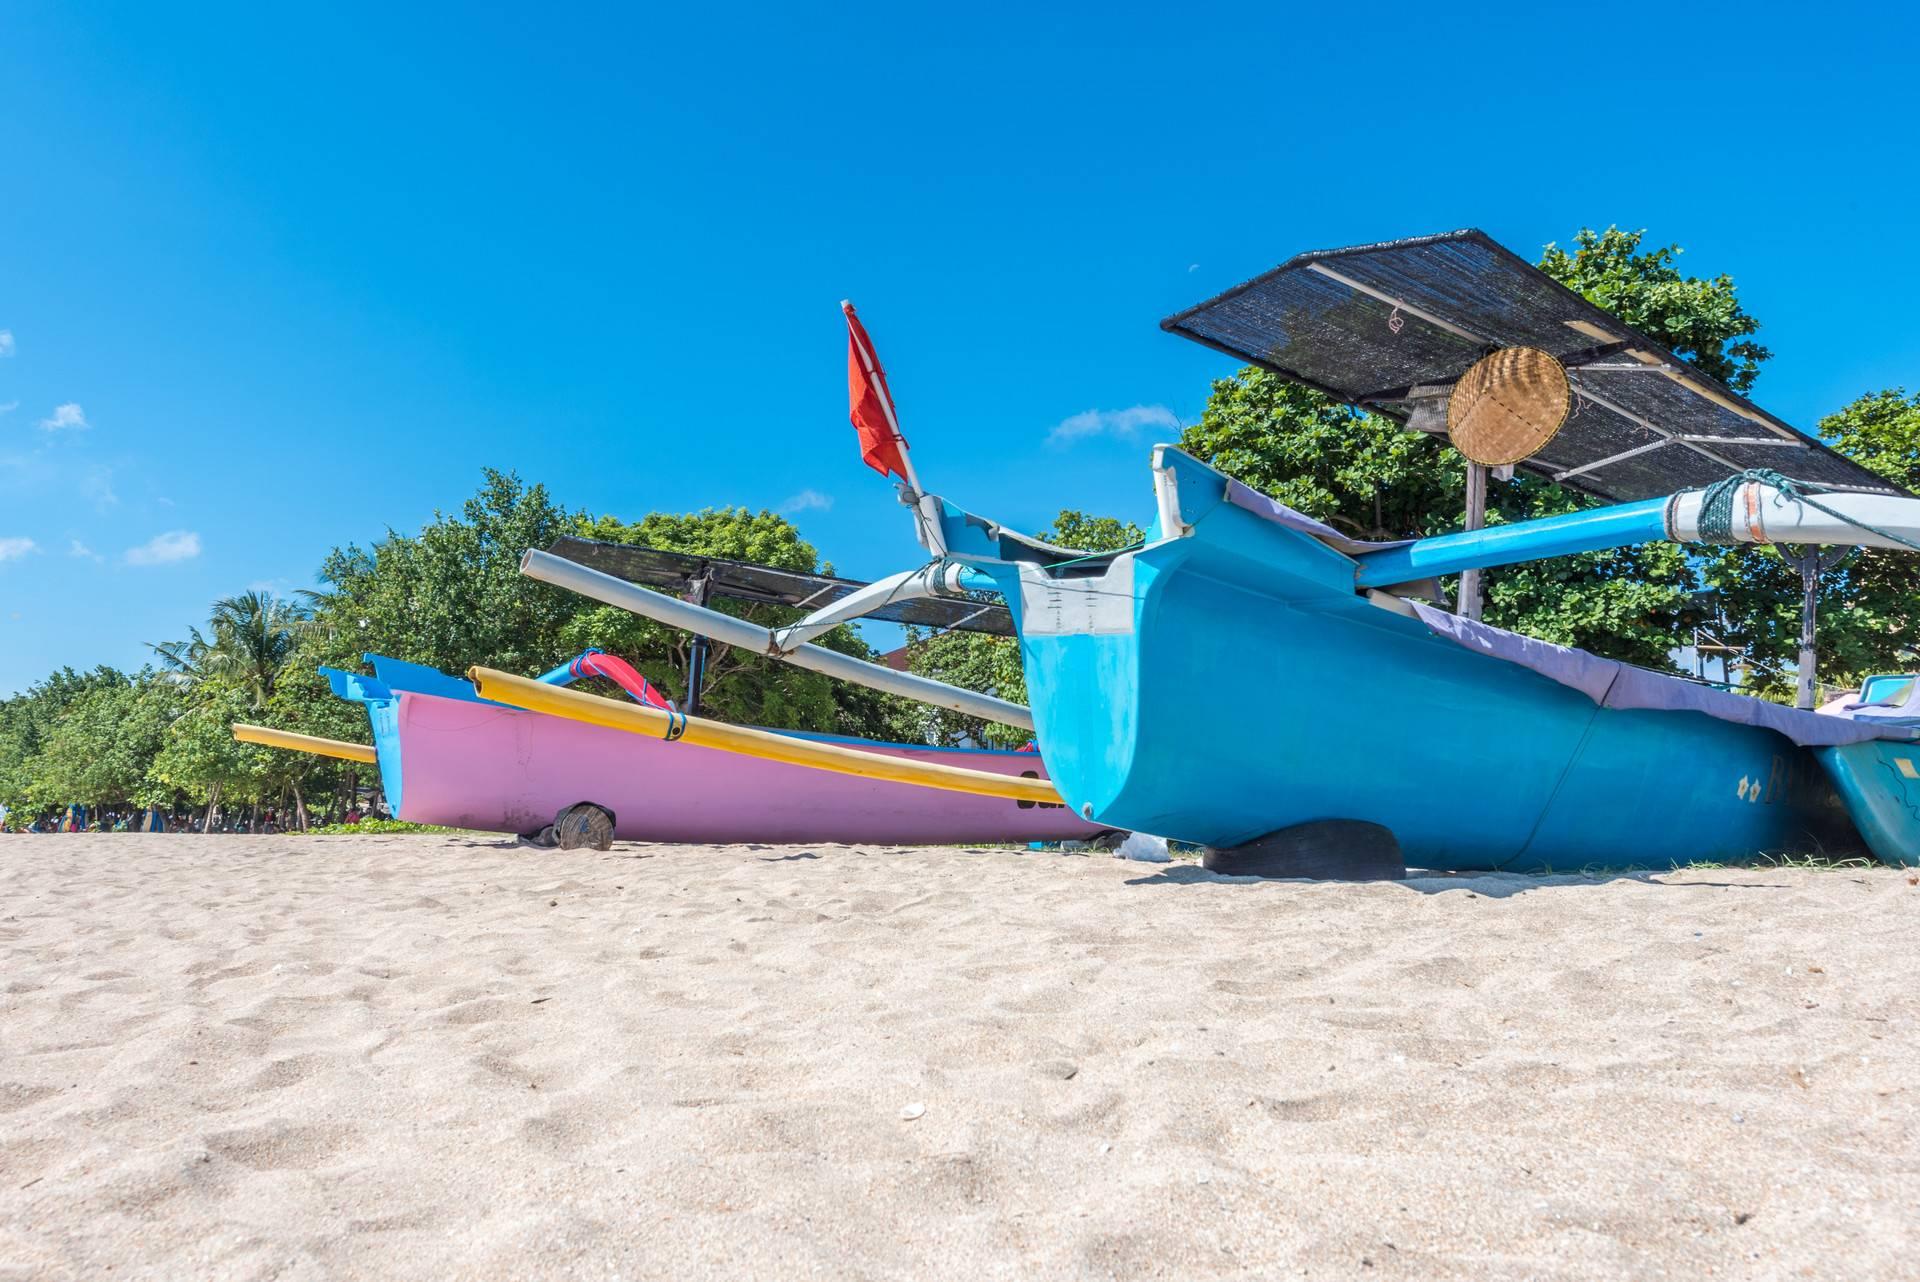 印尼巴厘岛乌布丛林大秋千bali swing漂流一日游